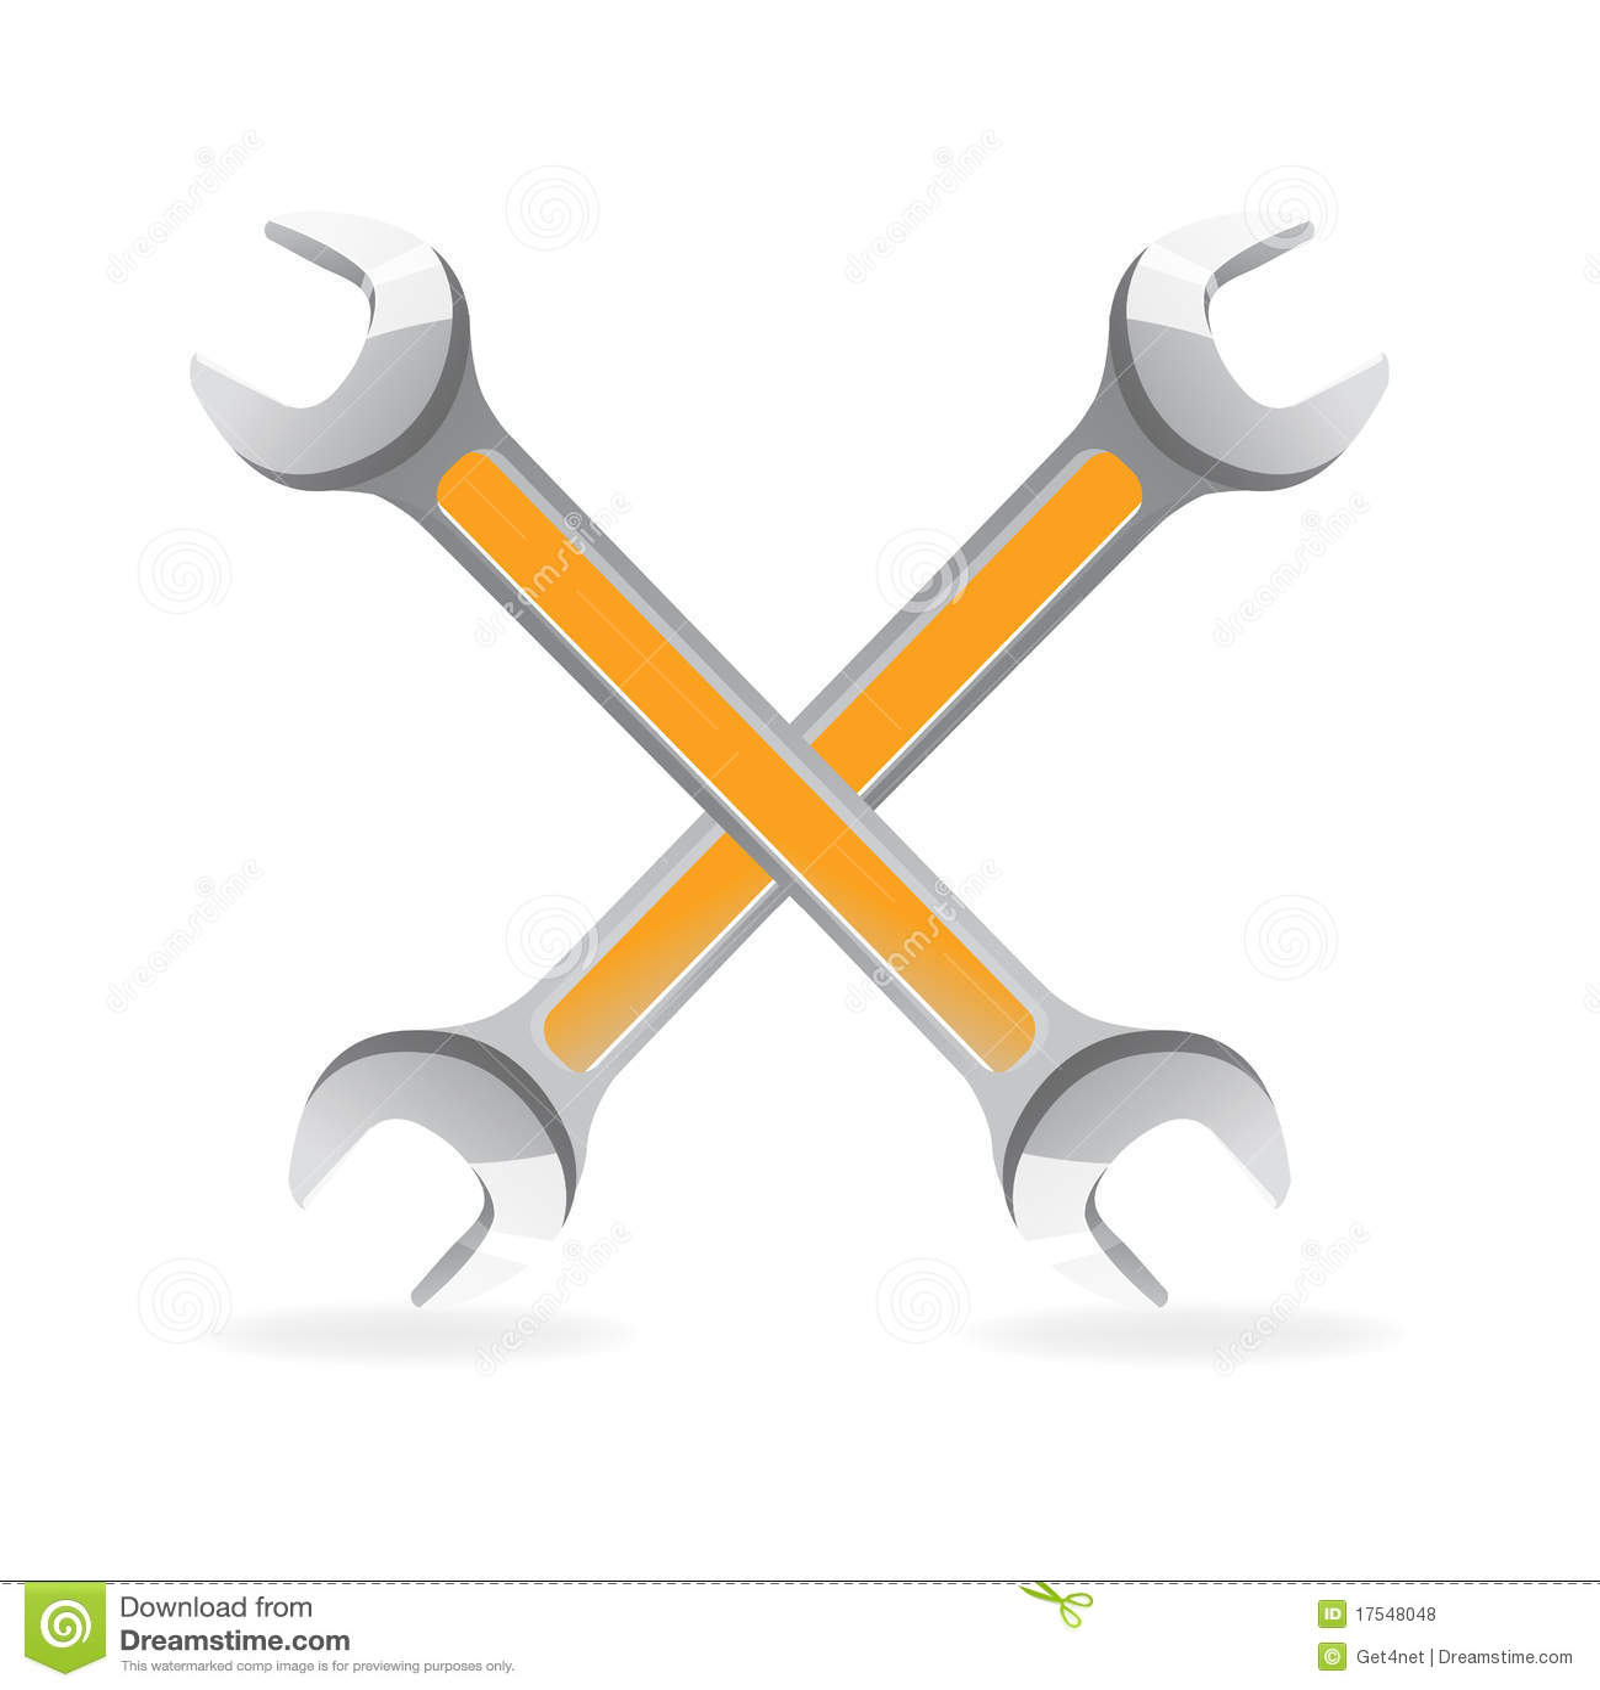 Utiliza ferramentas o ícone